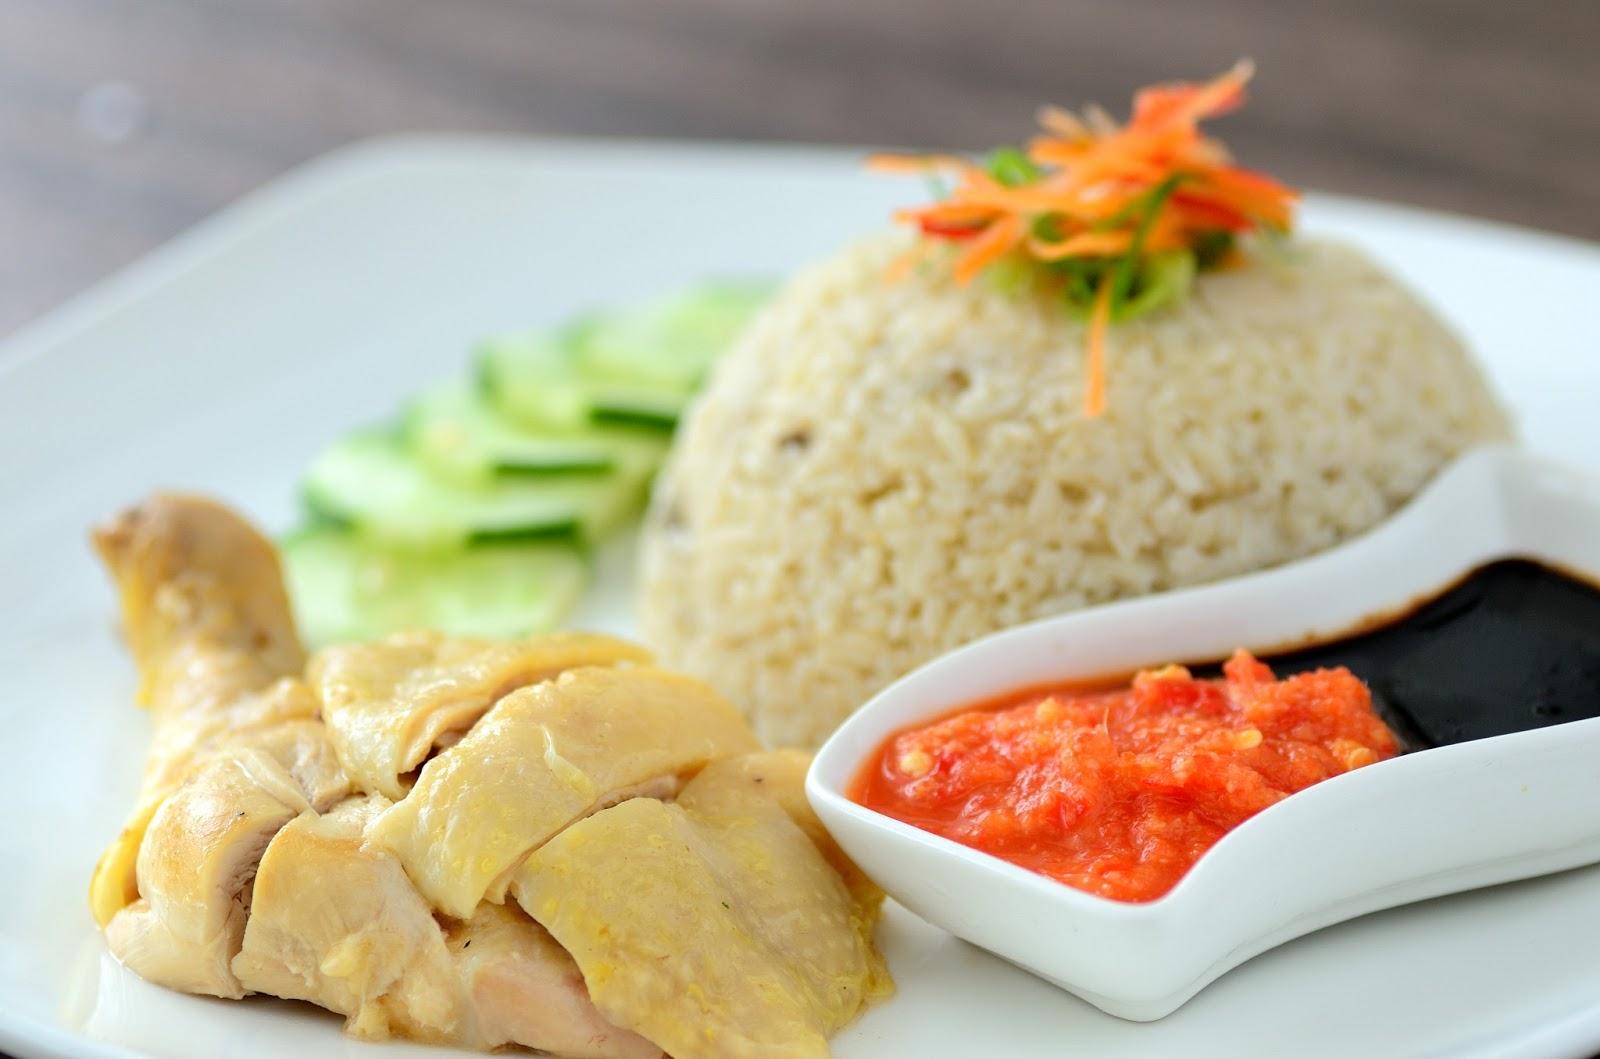 ... Hong Little Kitchen 陈伟雄小厨房: Hainanese Steam Chicken Rice